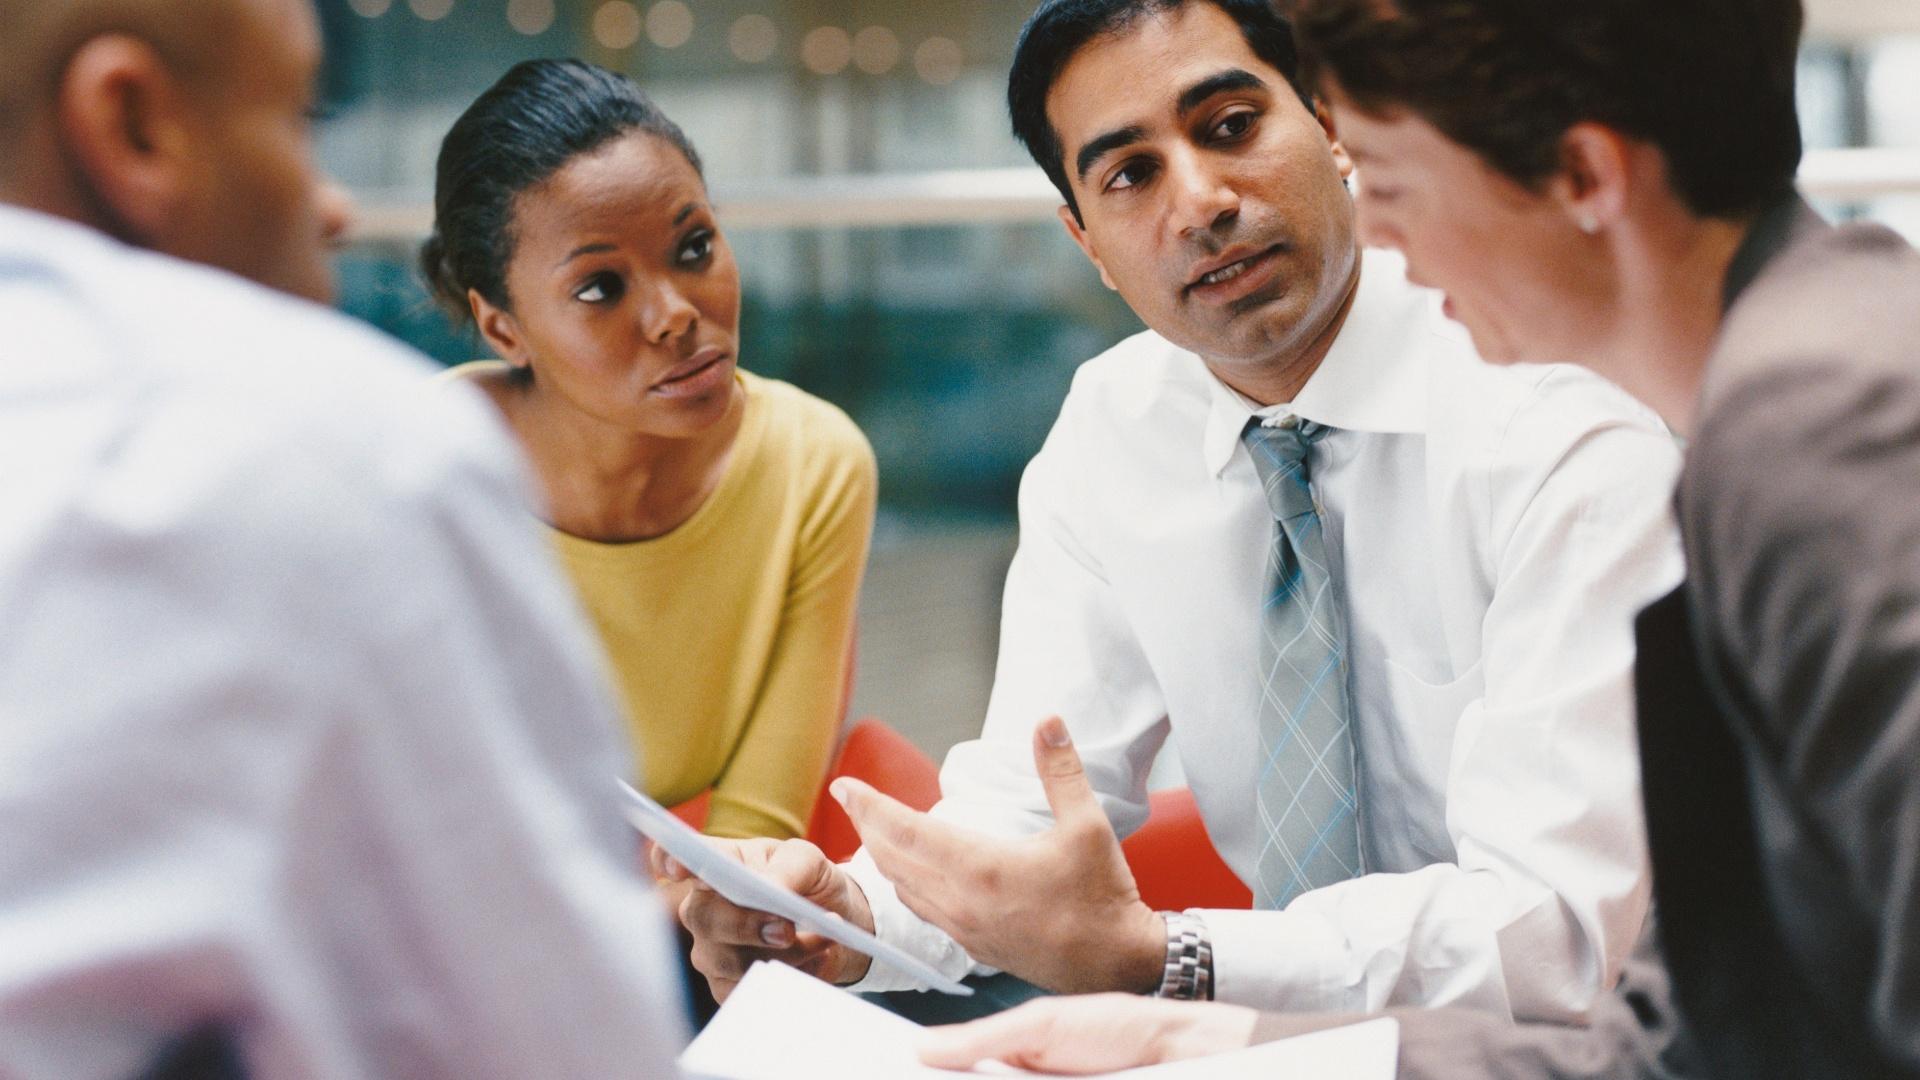 6dd81b6a2 Veja 8 dicas para fazer reuniões produtivas na sua empresa - 11/02/2013 -  UOL Economia